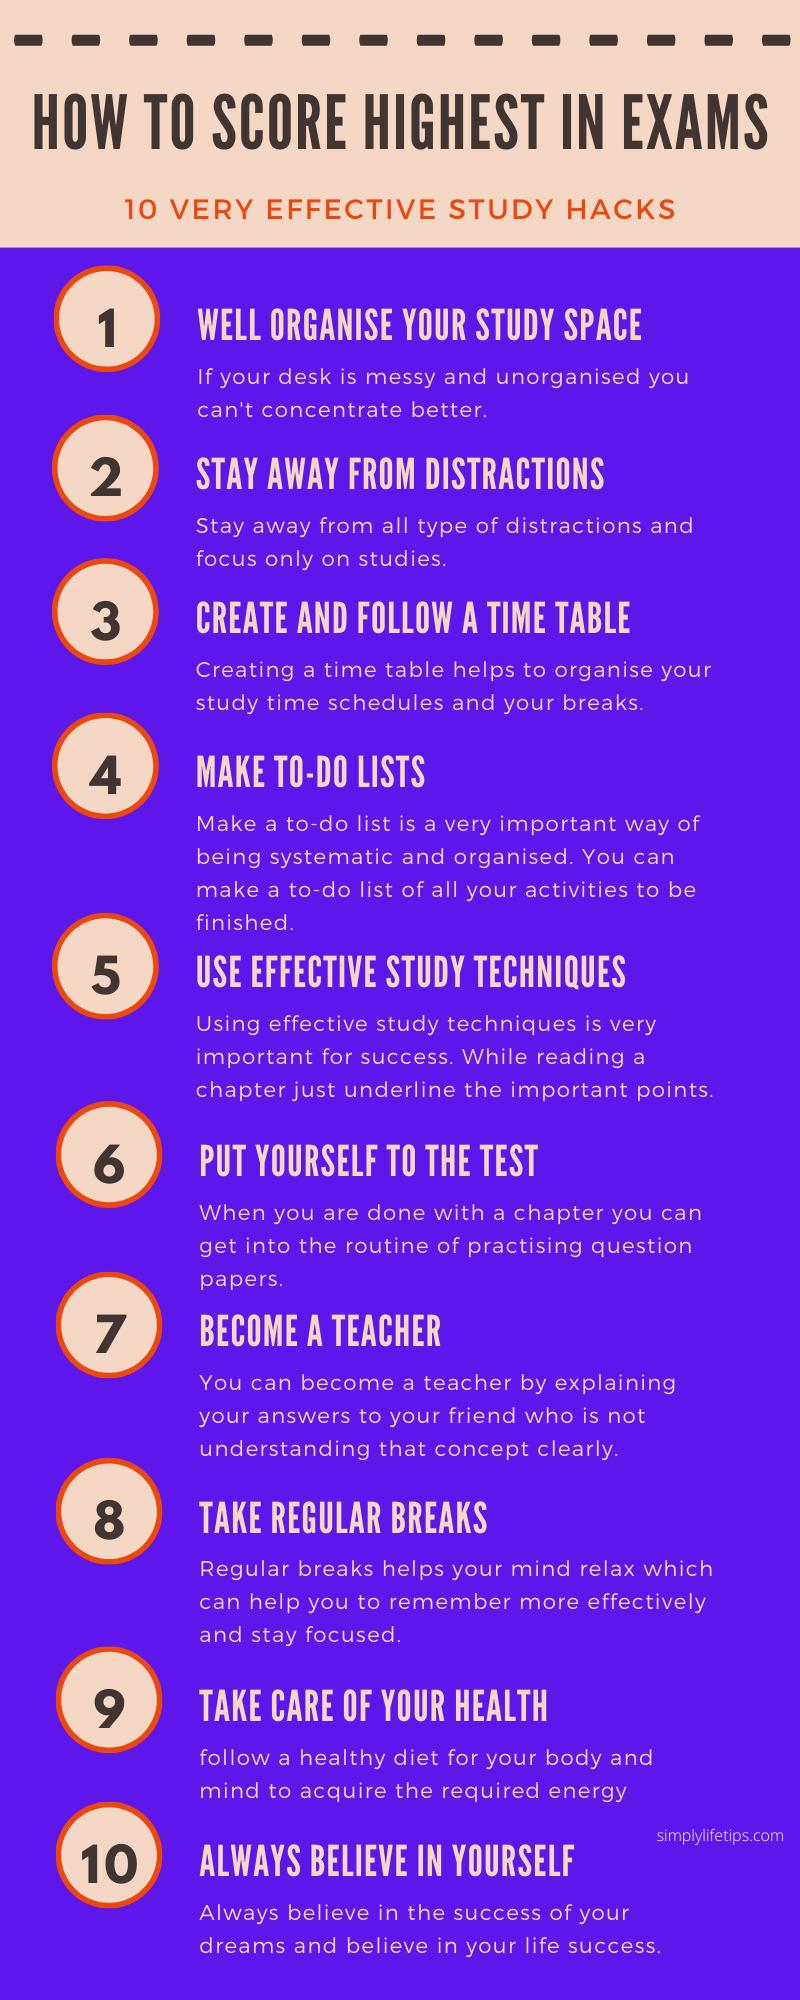 10 Study Hacks Infographic